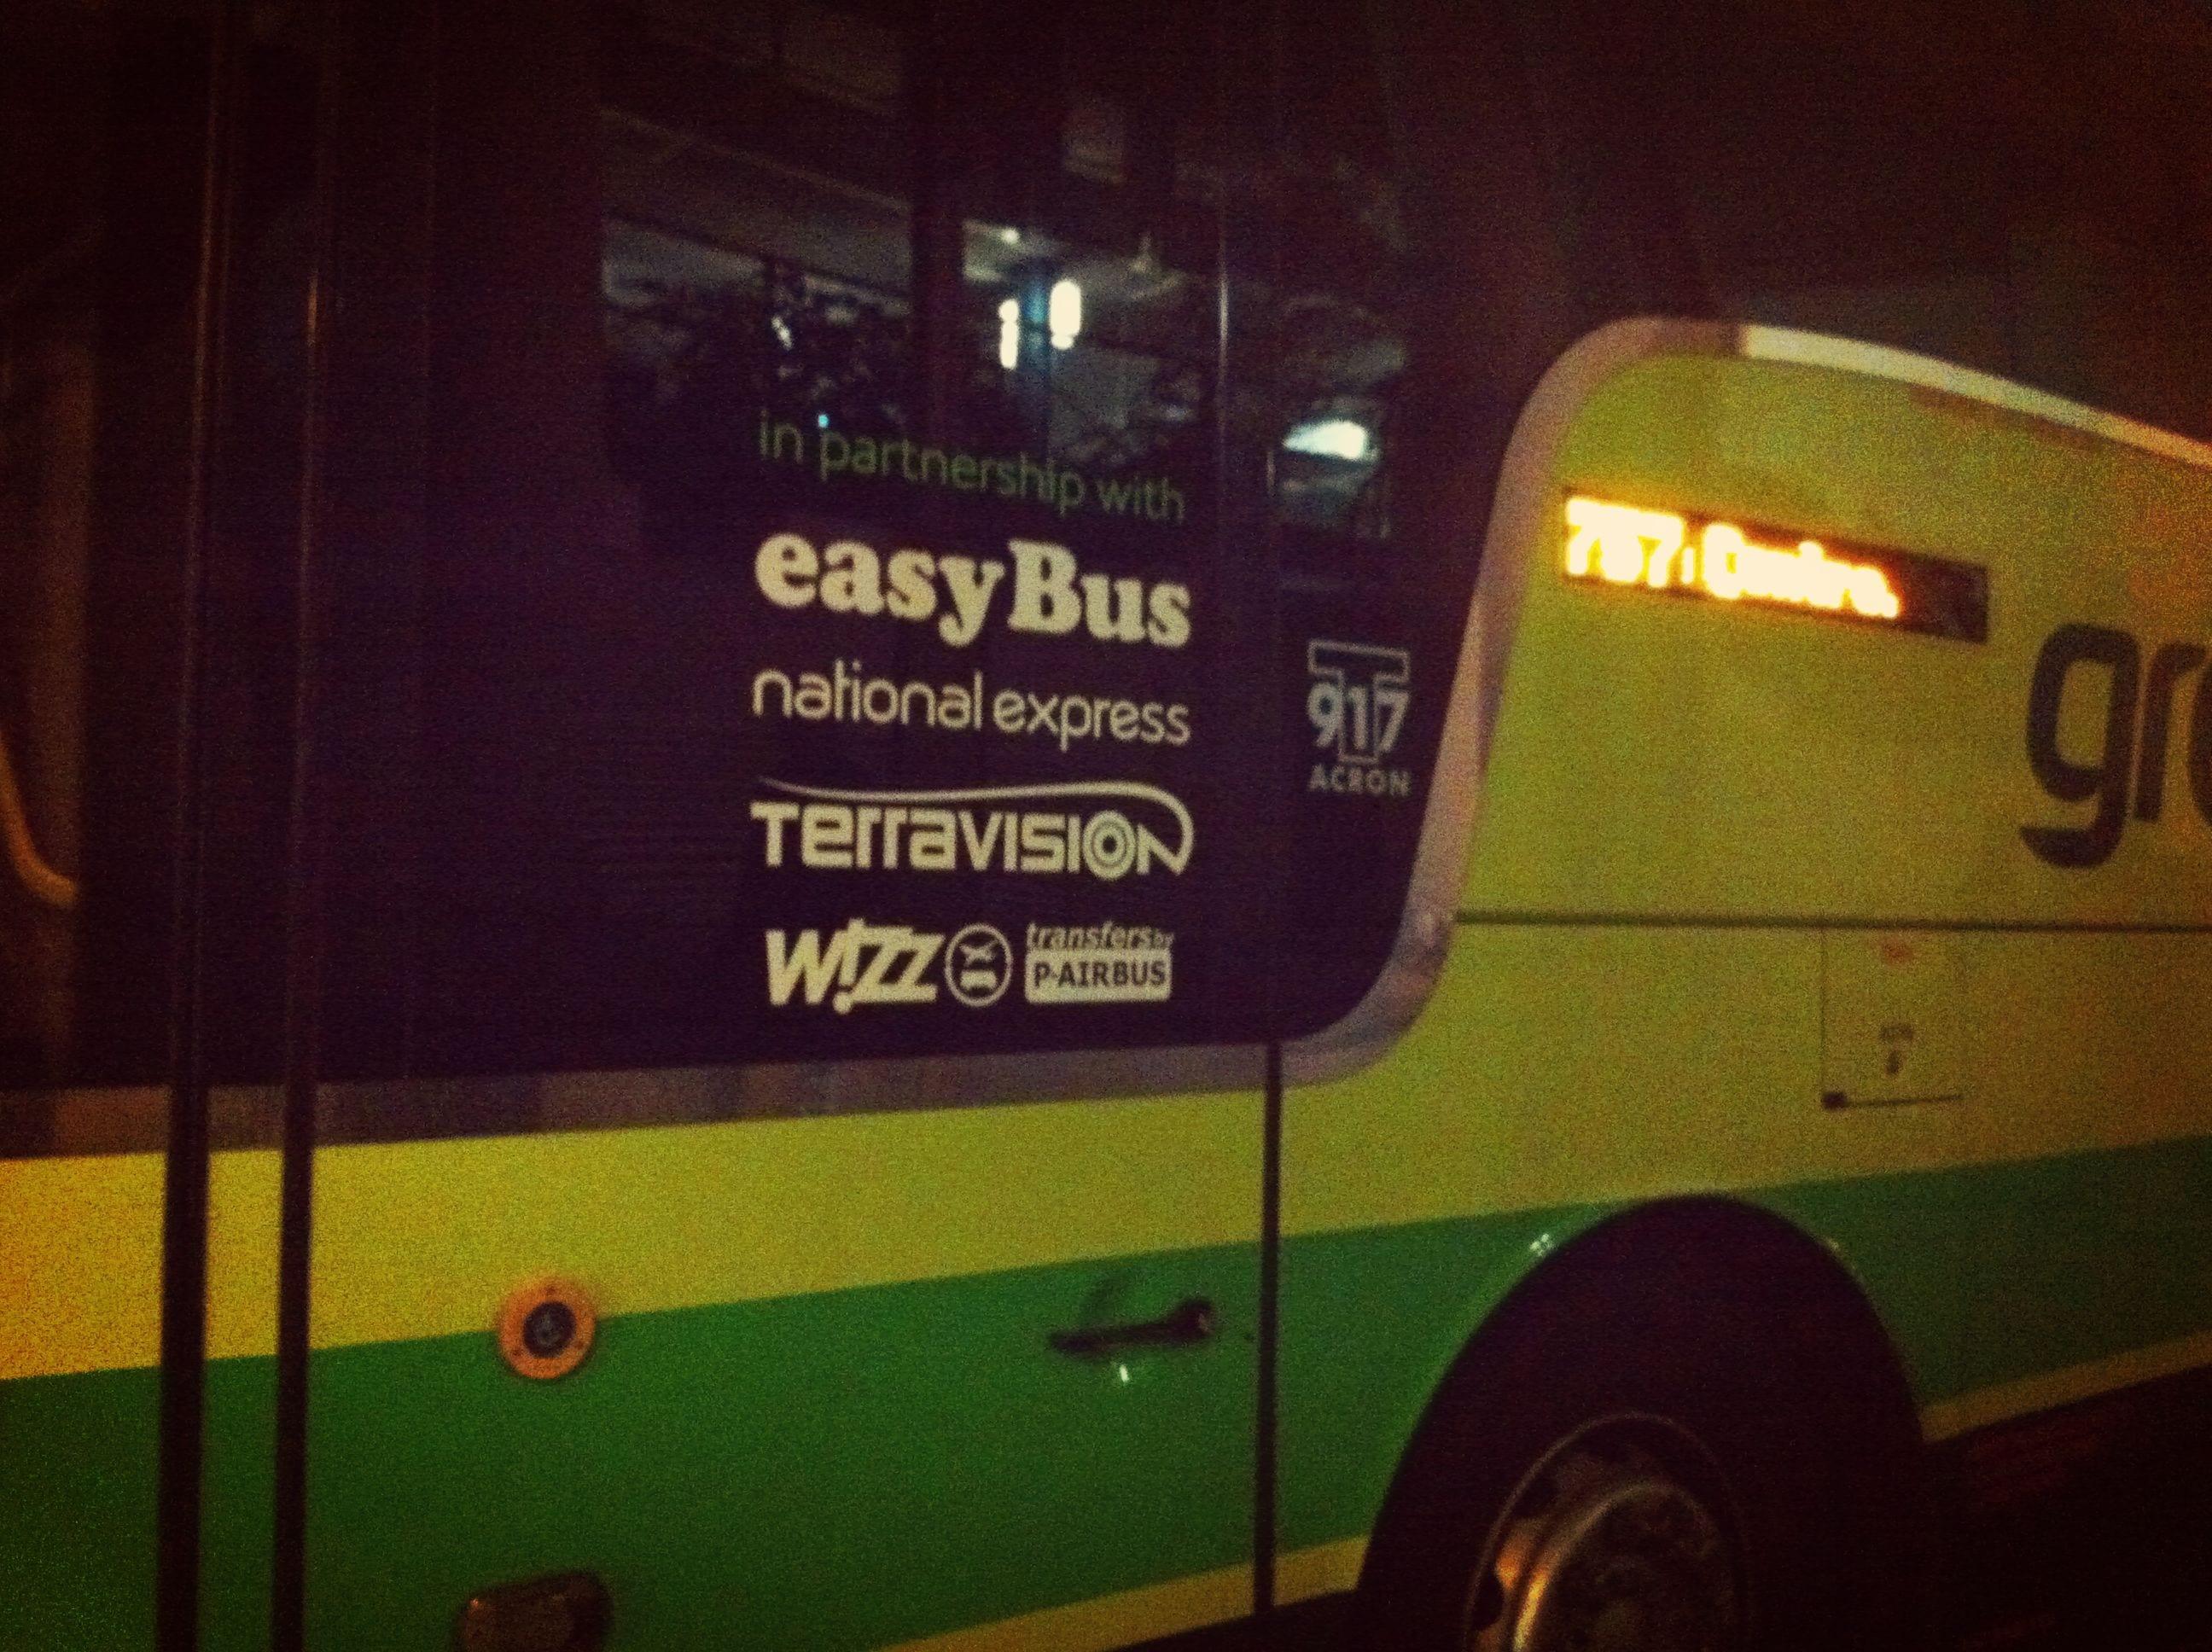 Der Easybus fährt mehrmals pro Stunde von Gatwick nach London zum günstigen Preis